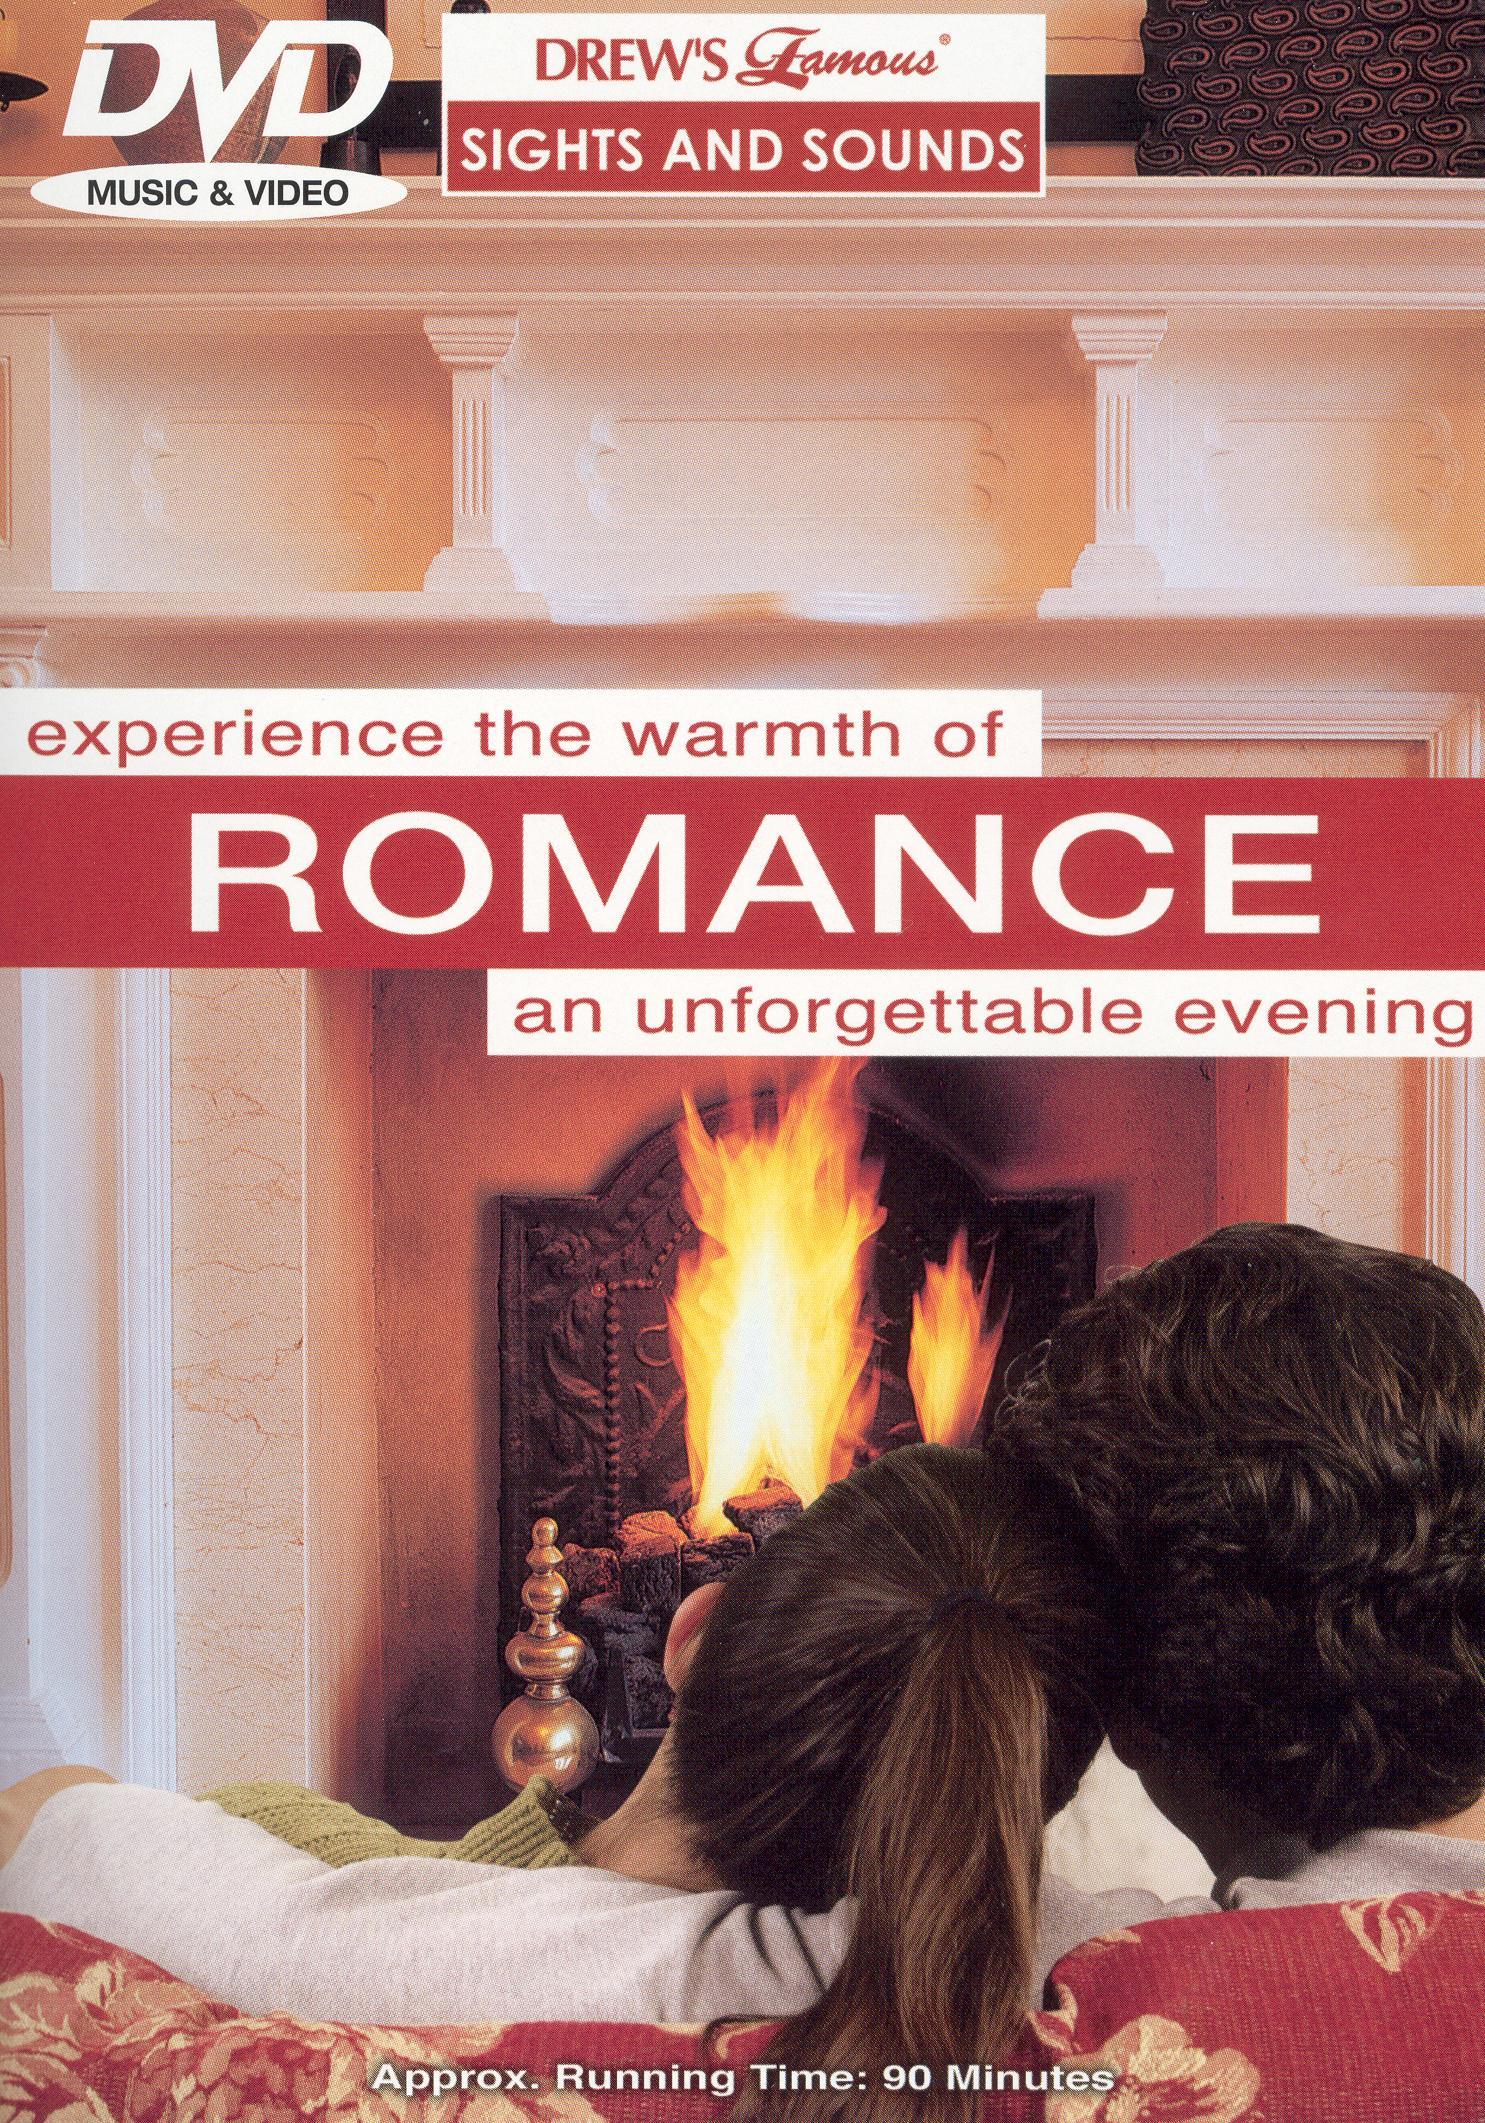 Drew's Famous Sights & Sounds: Romance